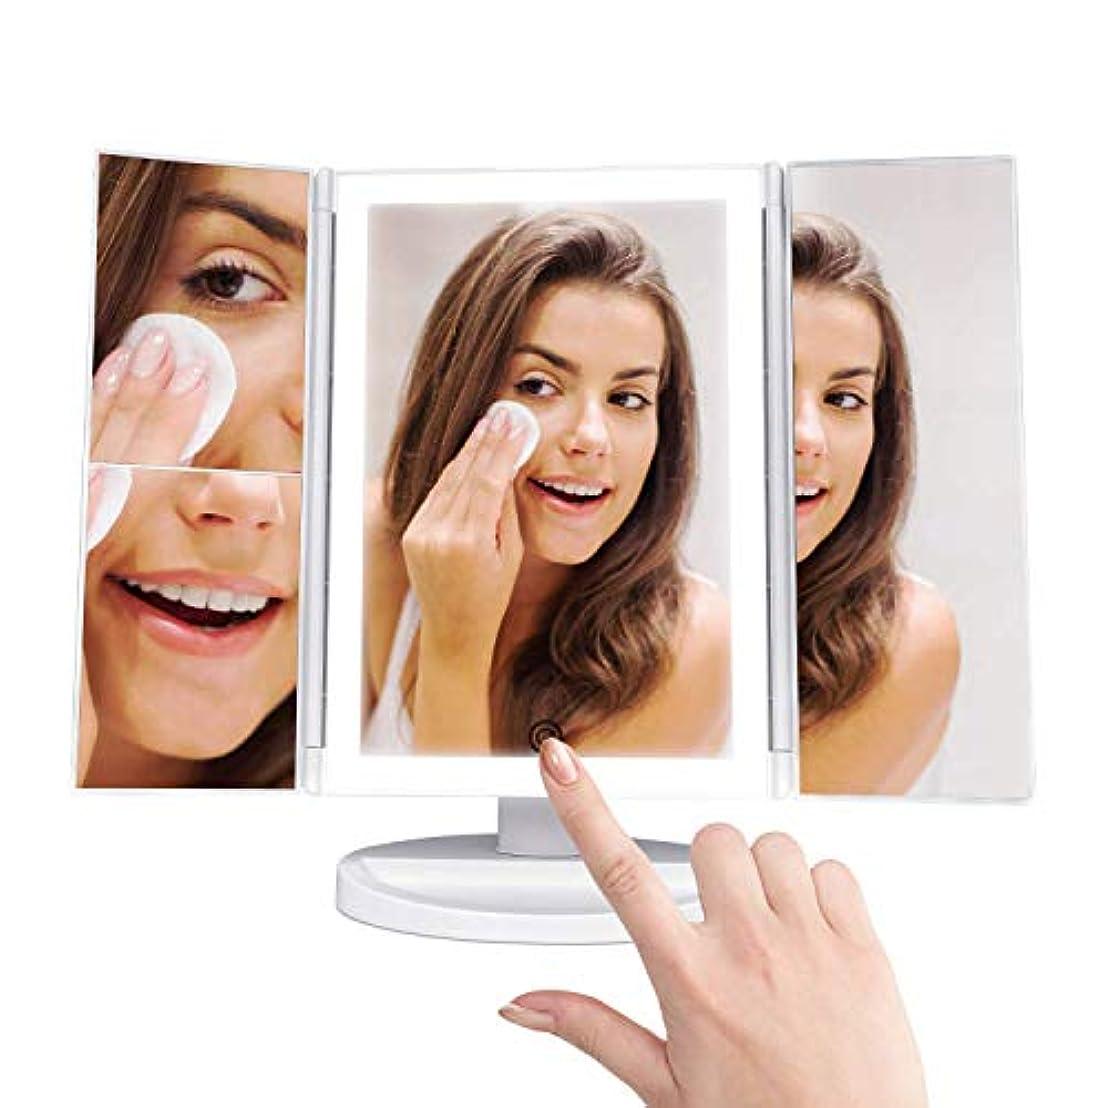 基本的な薄いです食欲卓上ミラー 折りたたみ式 三面鏡 化粧鏡 2&3&拡大鏡付き LEDライト 角度調整機能付 タッチパネル 持ち運び便利 180度自由に回転 電池またはUSB給電(ホワイト)